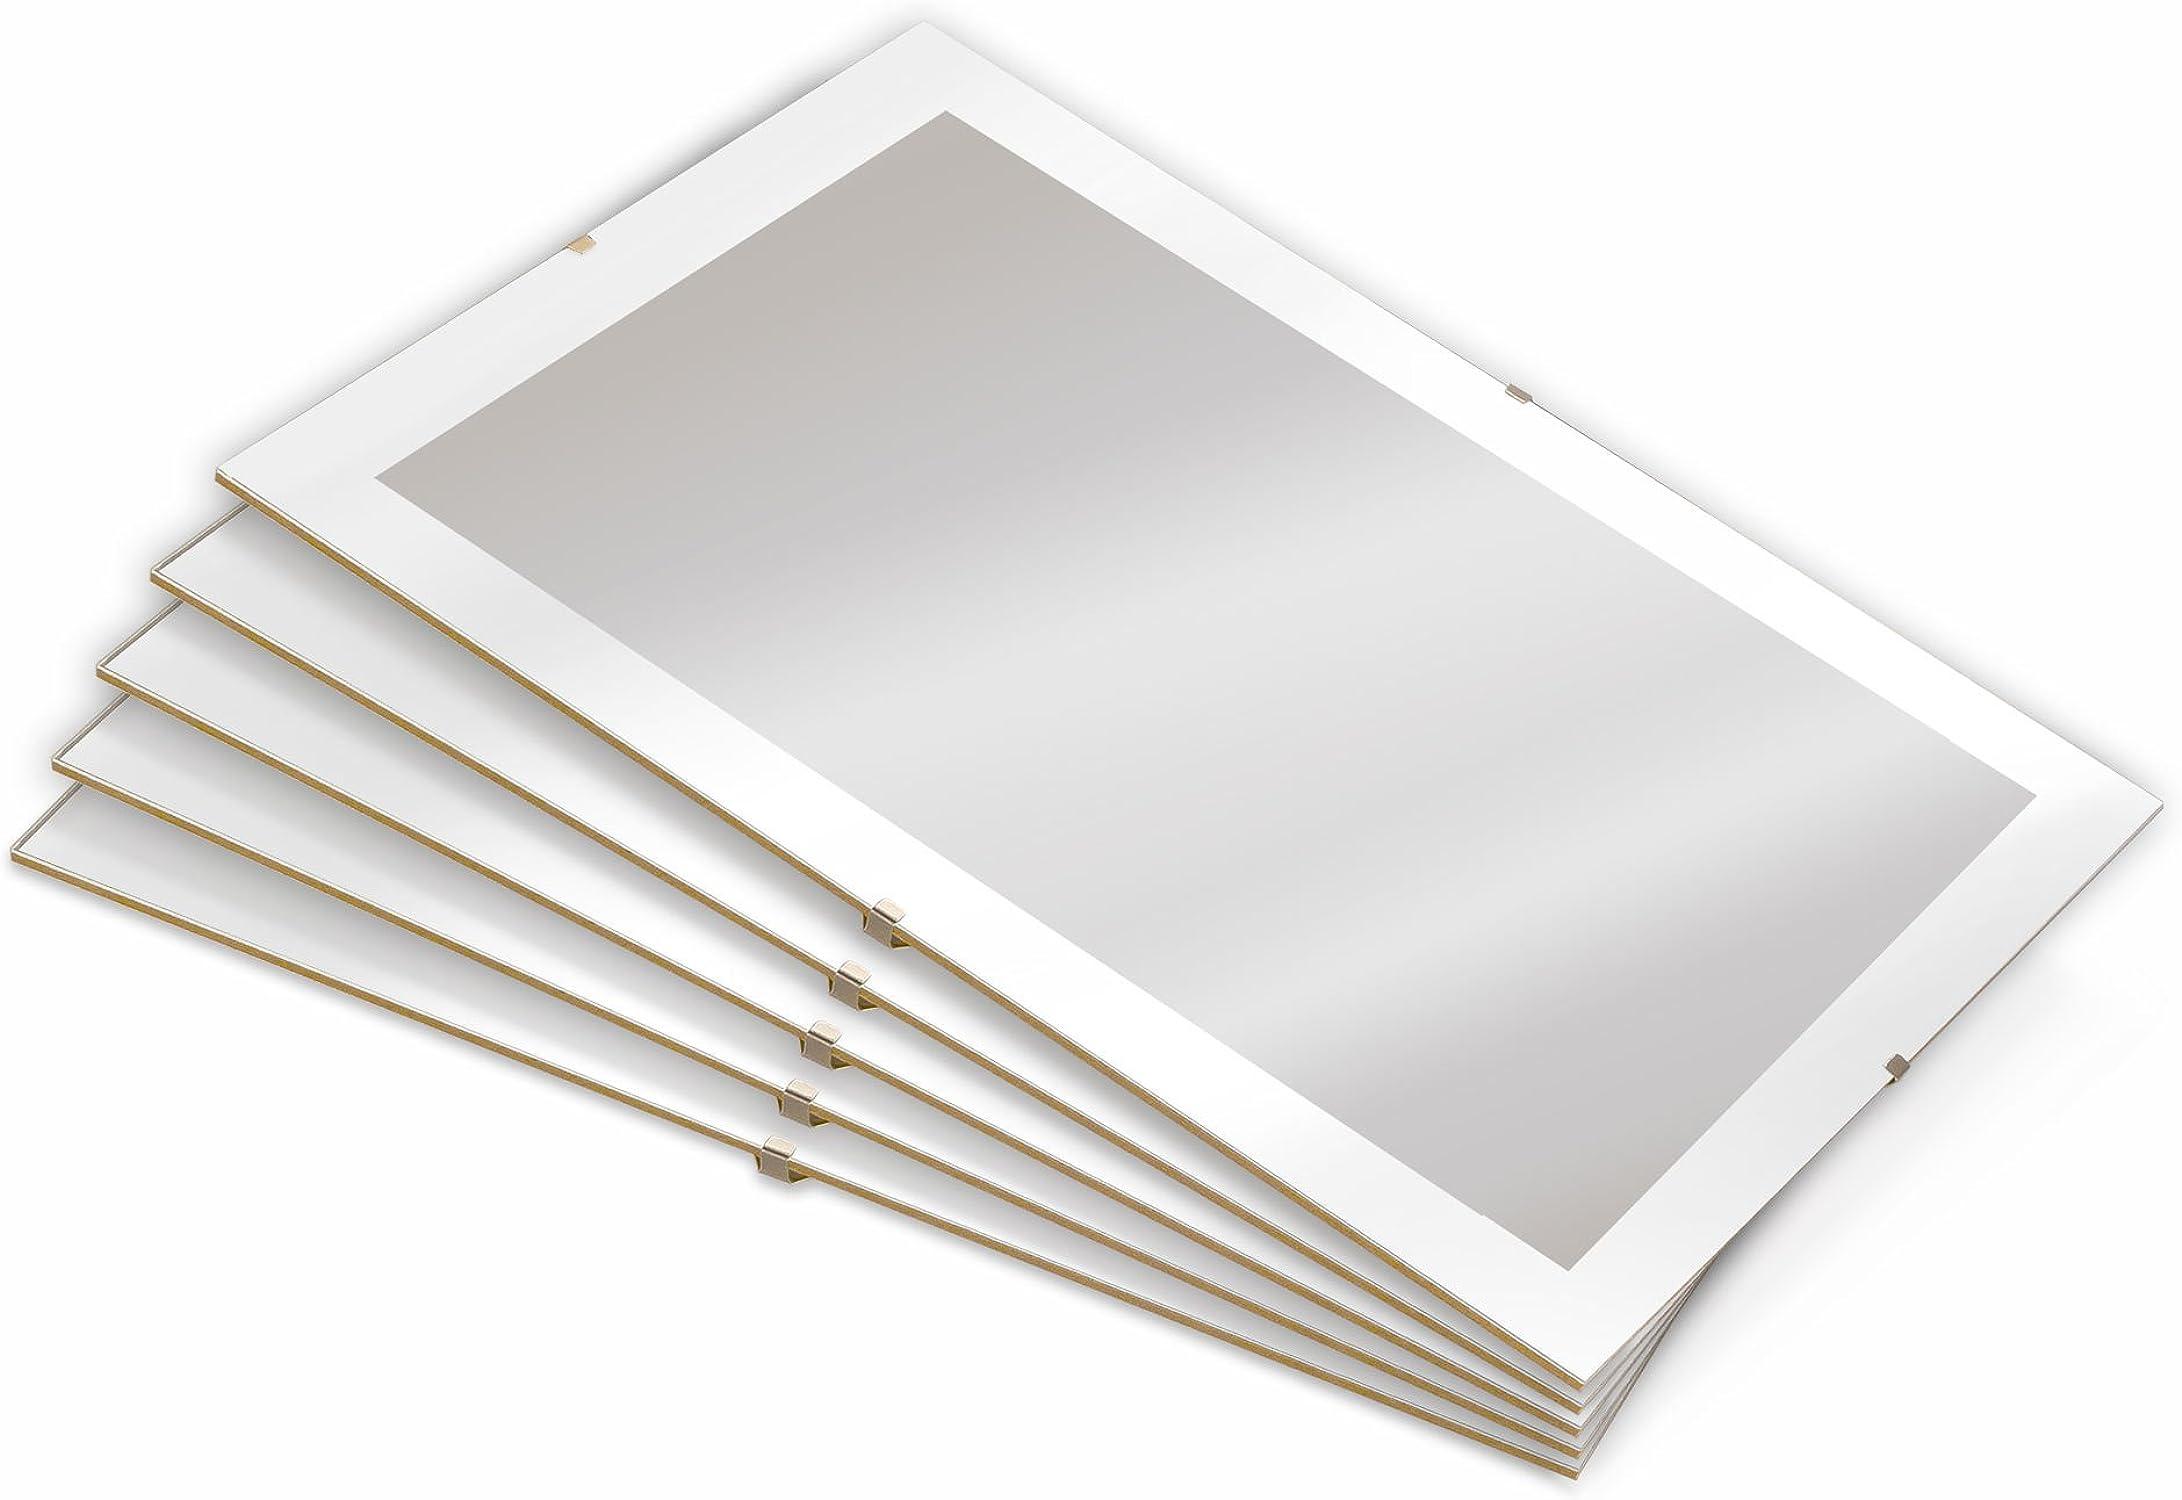 ofreciendo 100% Decorativo para marco de de de fotos póster  para el hogar y la oficina , acrílico, Pack of 5, 20 x 30 in  tienda en linea